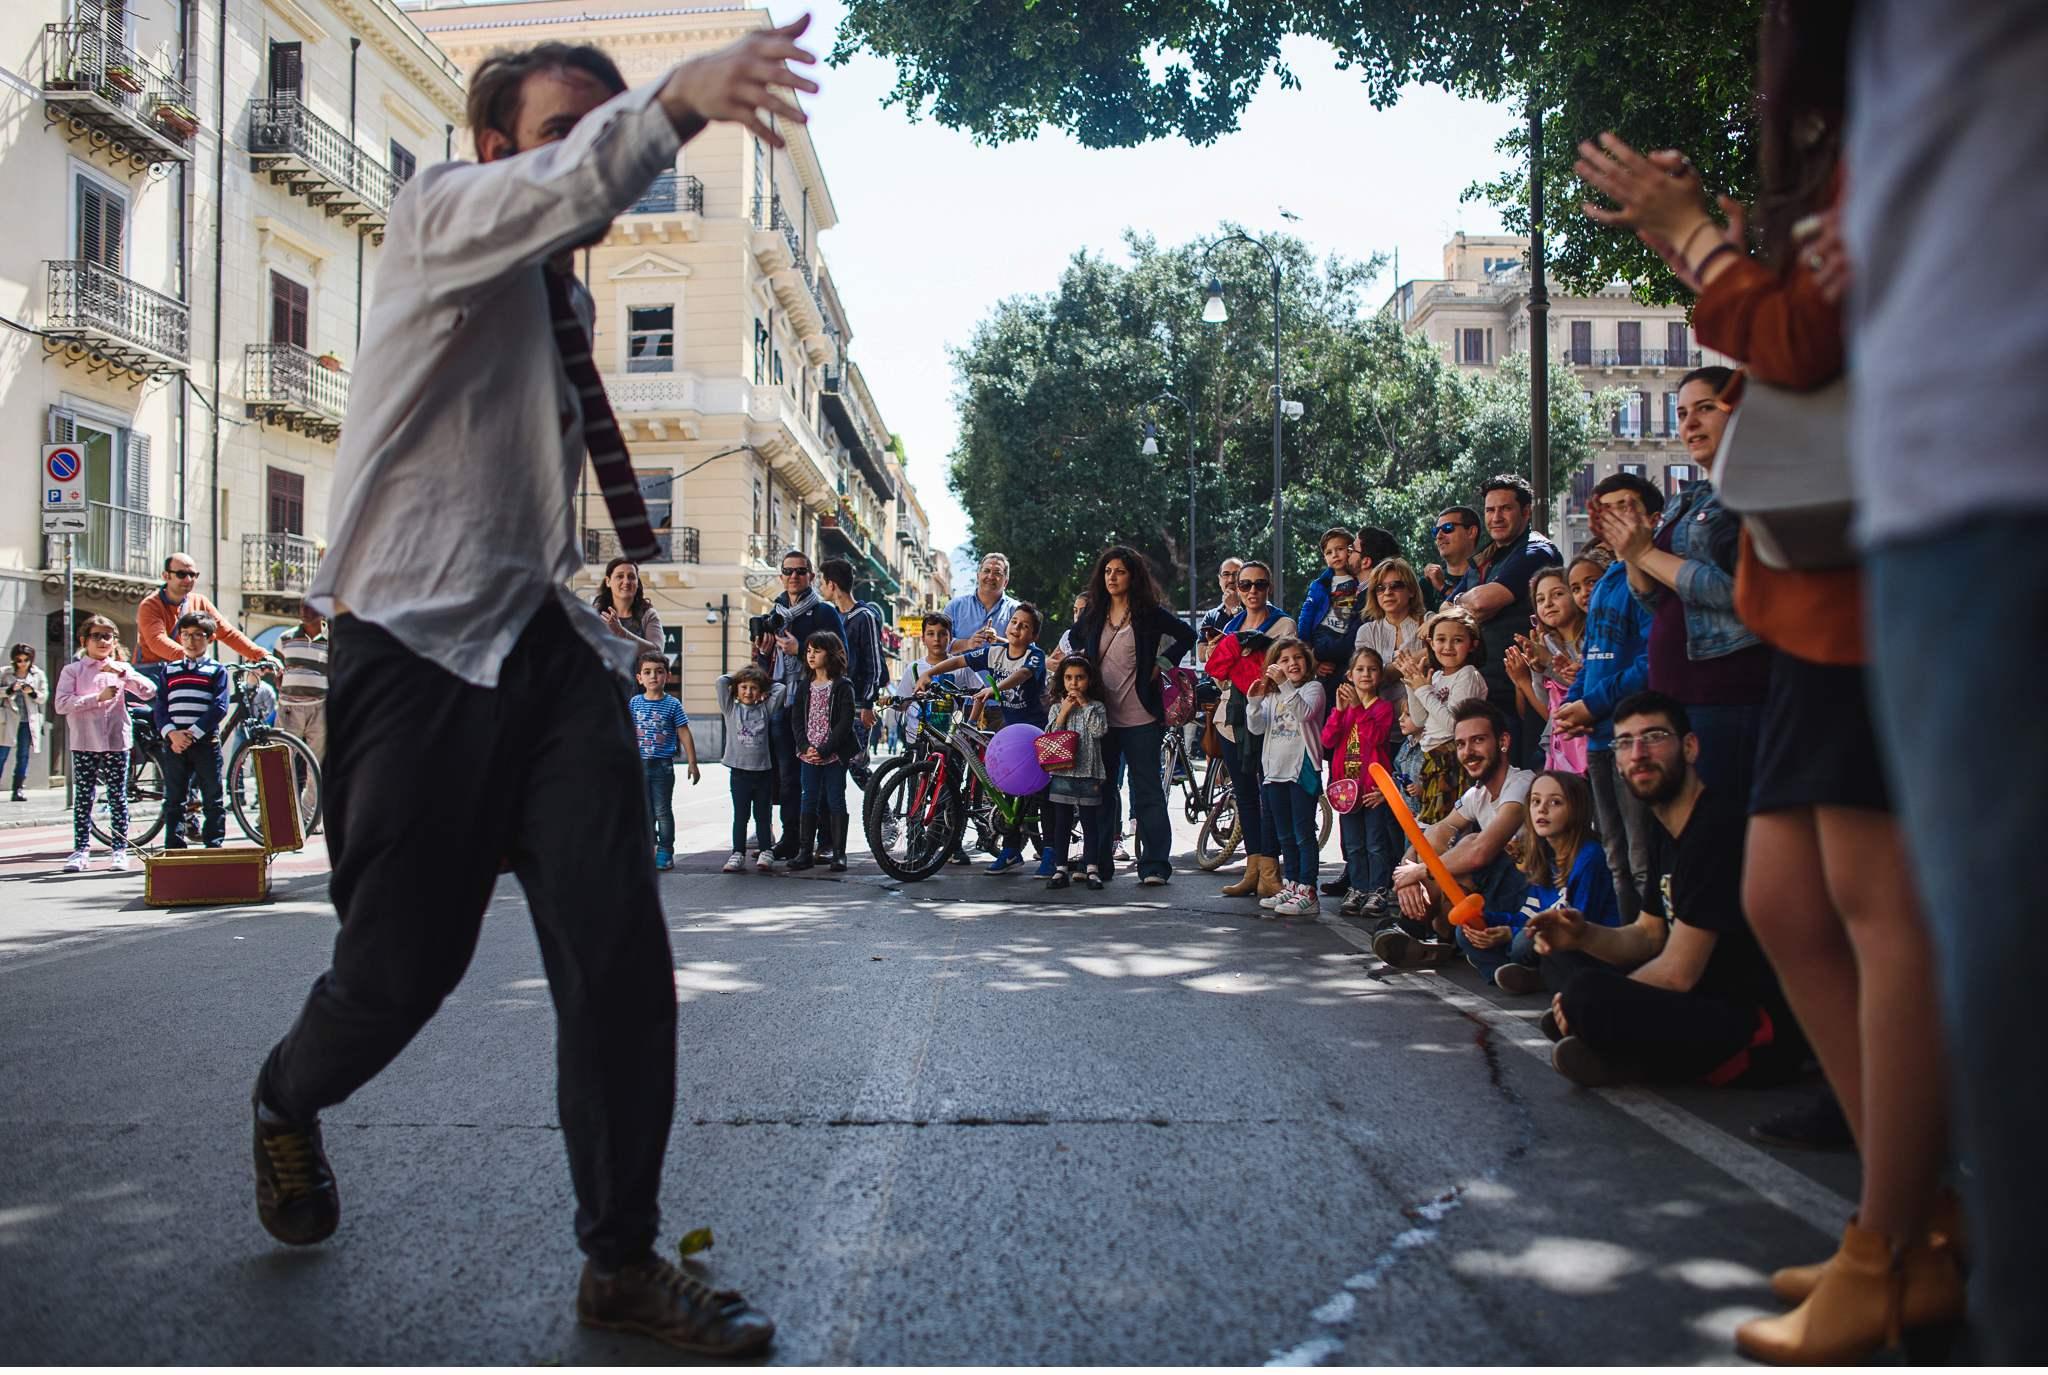 Palermo - visit Palermo - Italien - By Daniel Kempf-Seifried - Geschichten von unterwegs-36